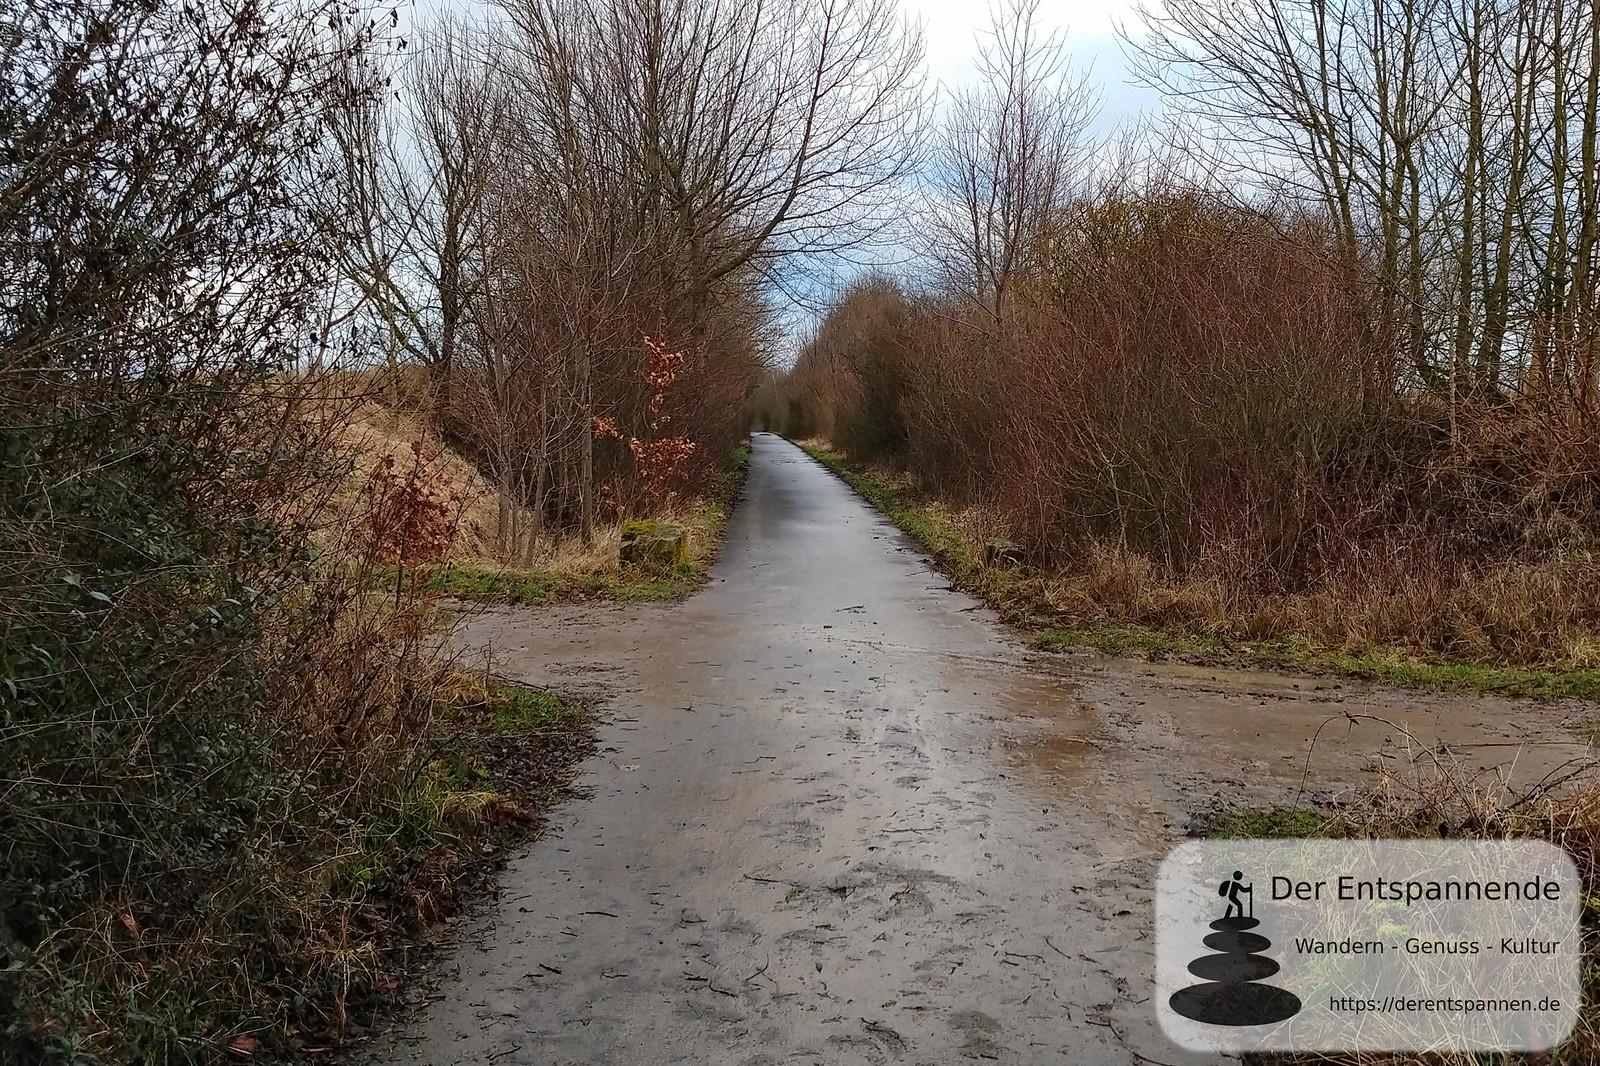 Halbe Strecke auf dem Radweg zwischen Selzen und Mommenheim, ehemalige Bahnstrecke Alzey-Bodenheim (Amiche)